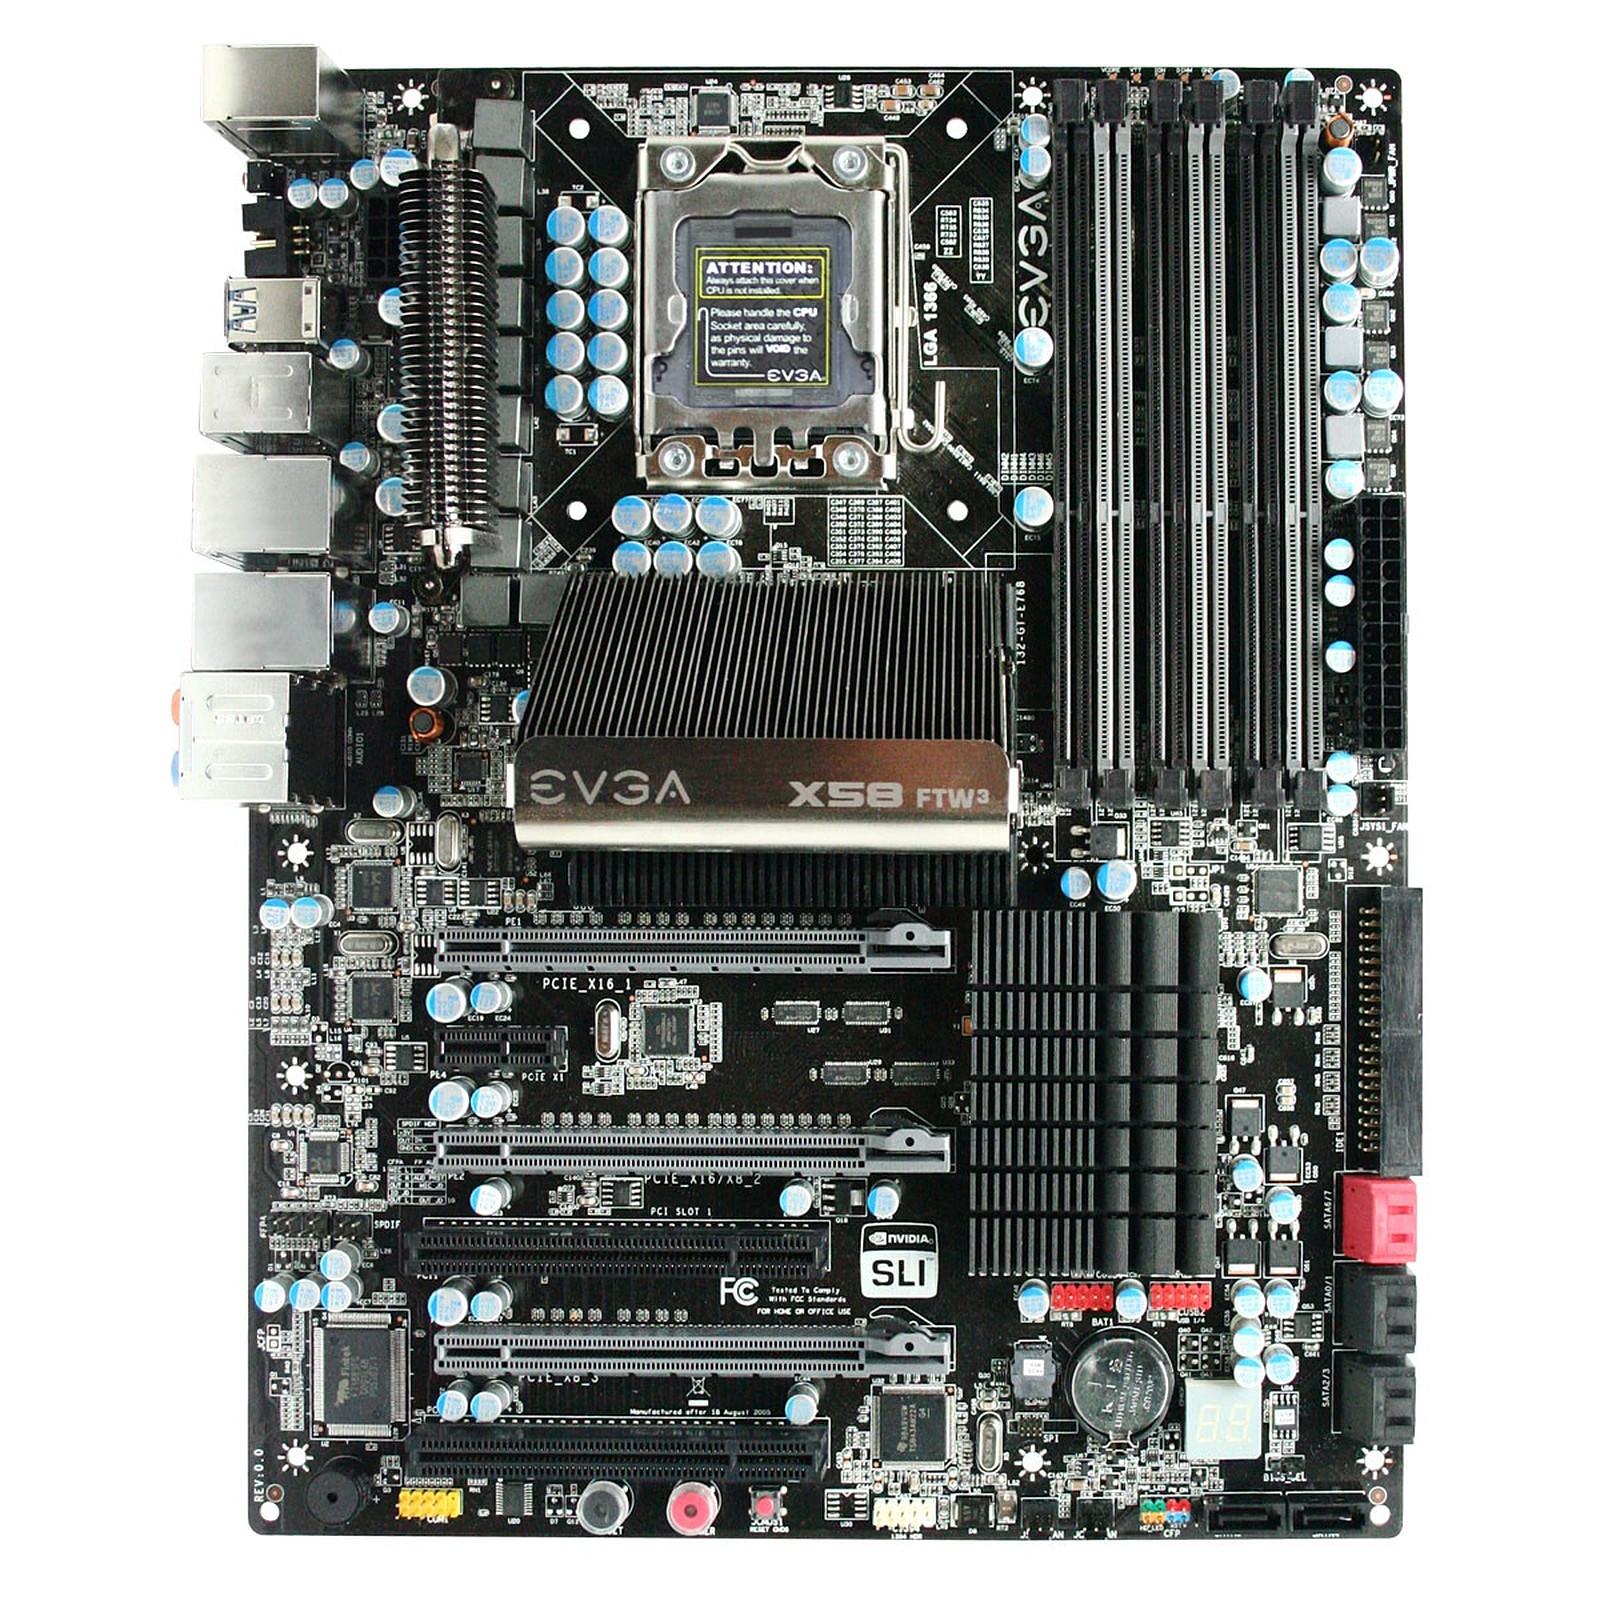 EVGA X58 FTW3 (Intel X58 Express)